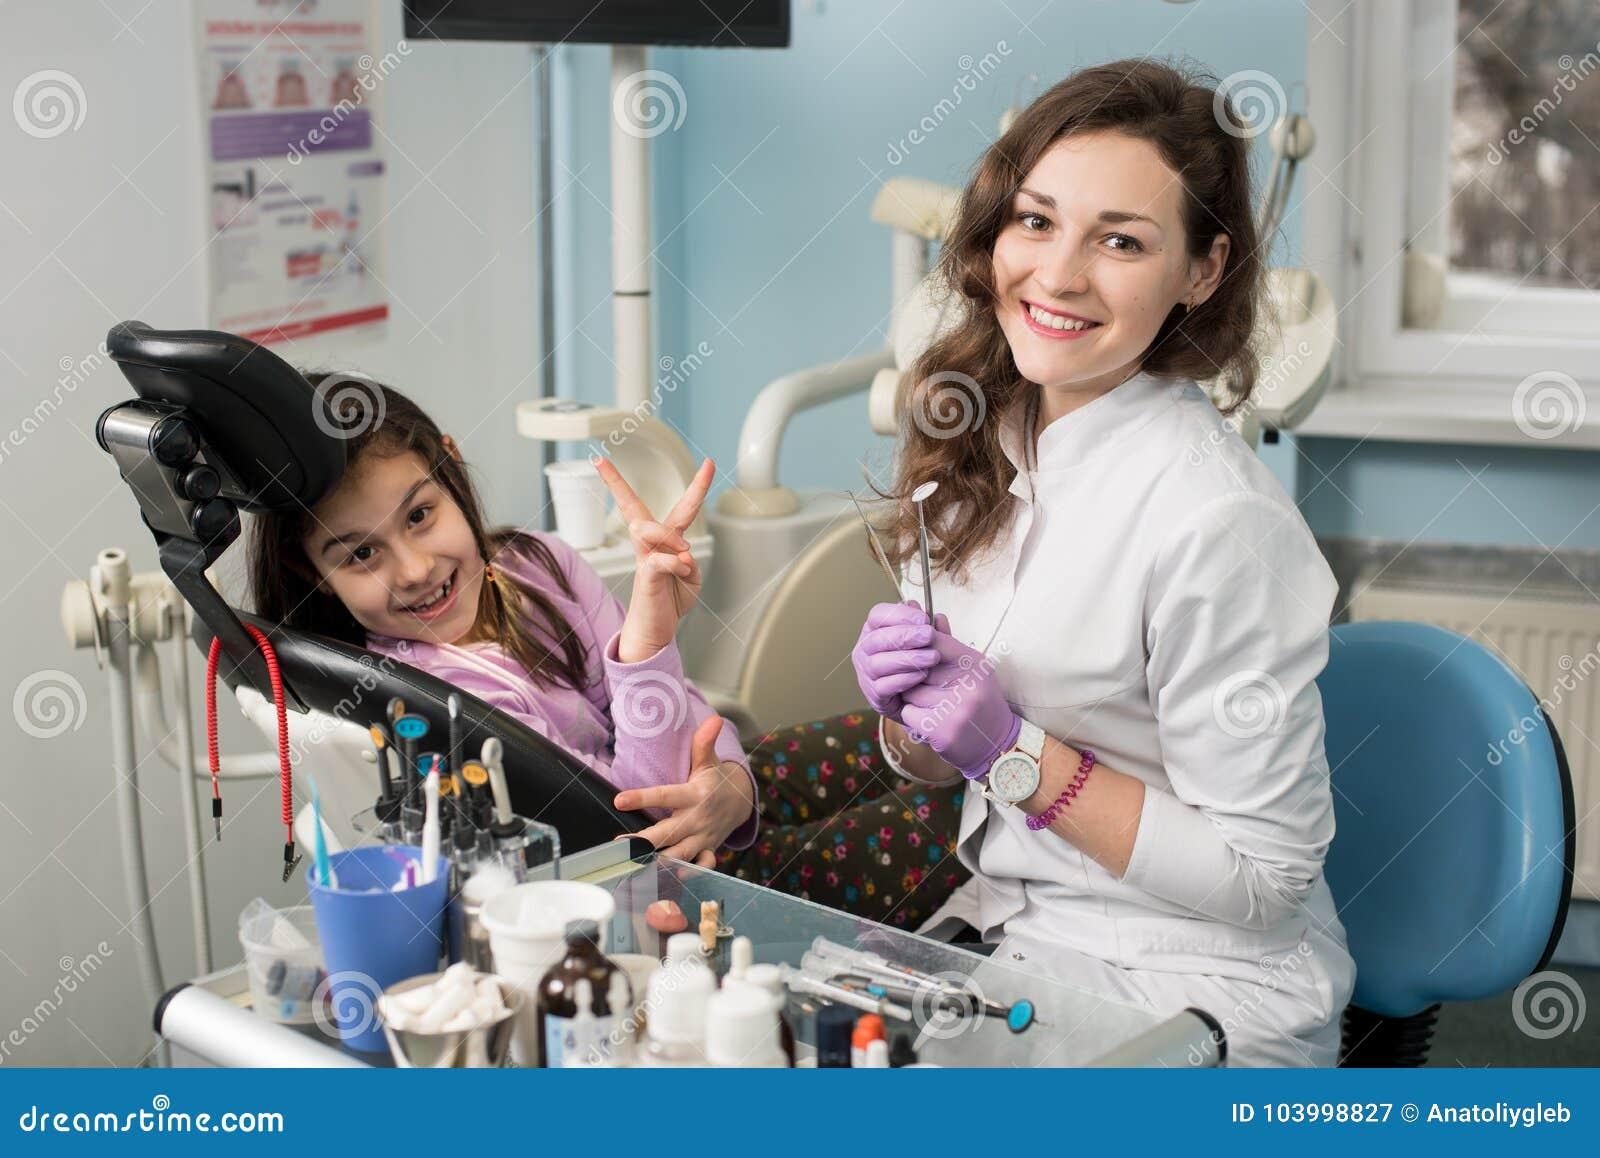 在对待牙以后的微笑的女性牙医和女孩患者在牙齿诊所办公室